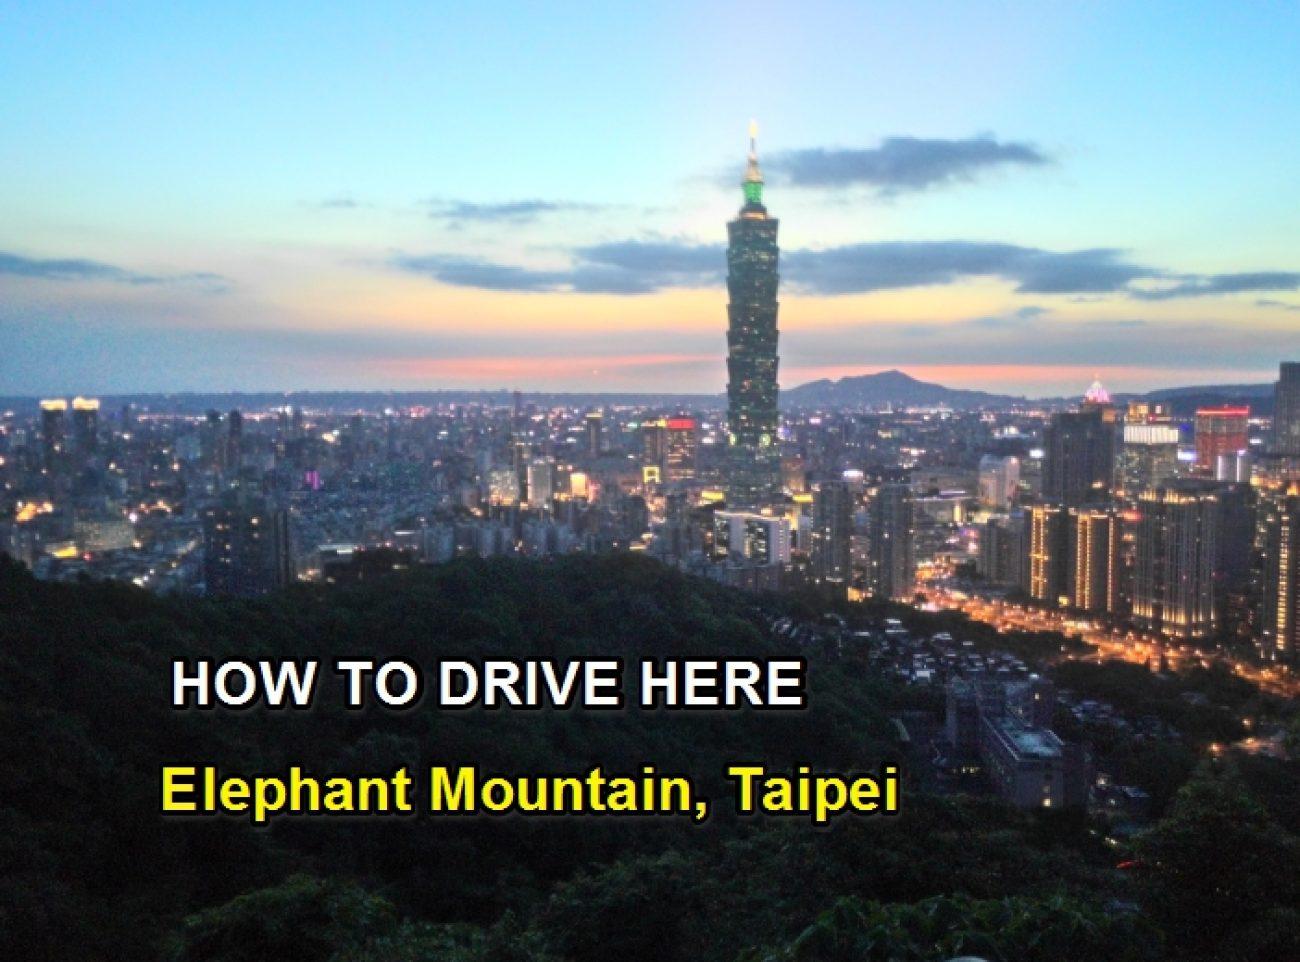 Elephant Mountain Taipei 101